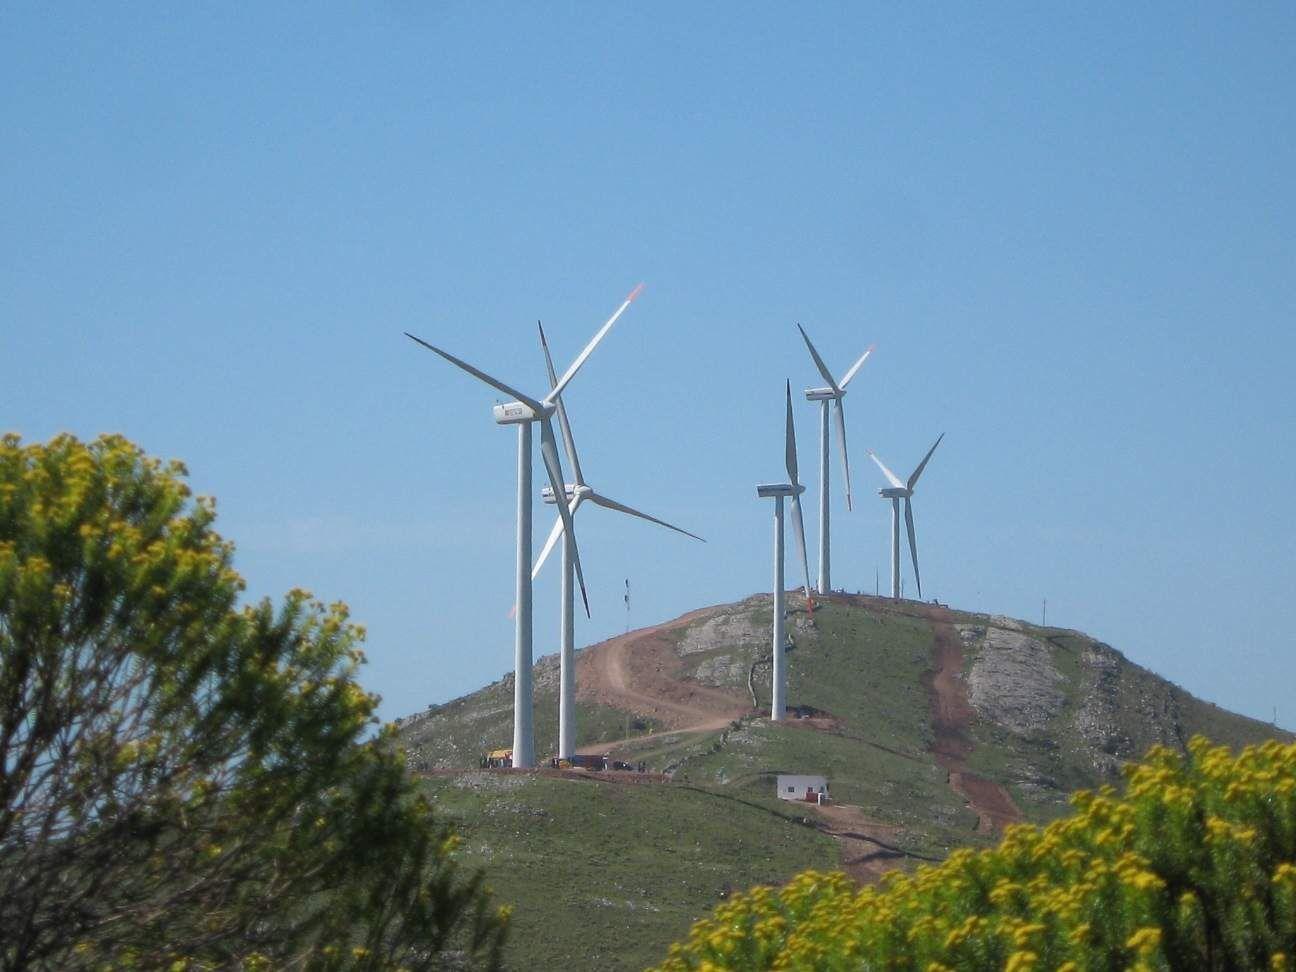 La energía eólica en Uruguay